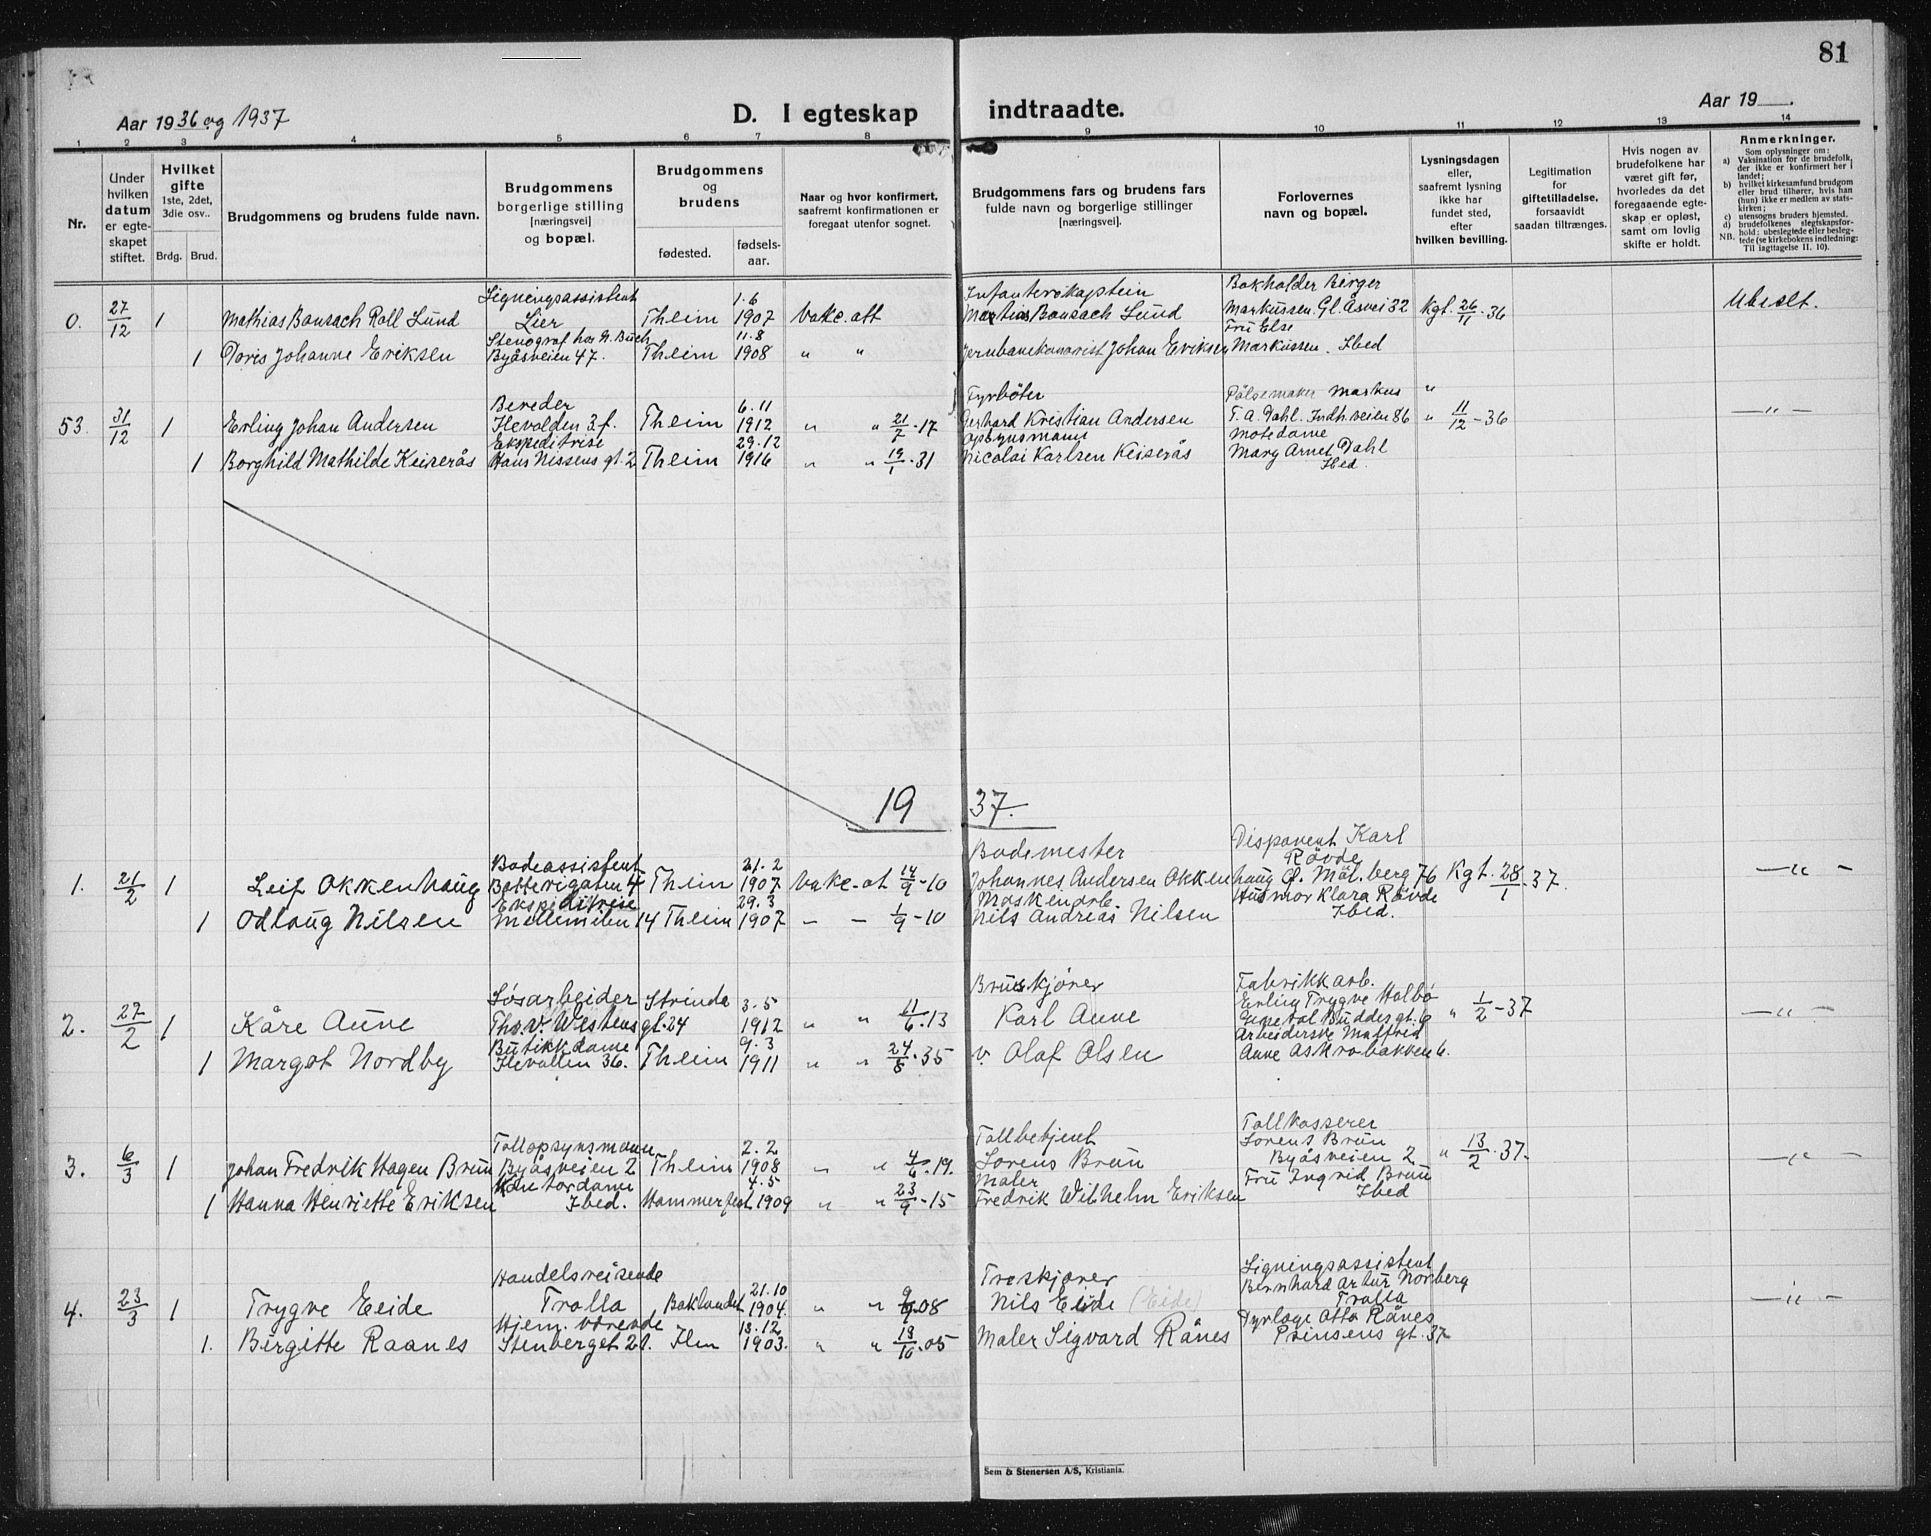 SAT, Ministerialprotokoller, klokkerbøker og fødselsregistre - Sør-Trøndelag, 603/L0176: Klokkerbok nr. 603C04, 1923-1941, s. 81